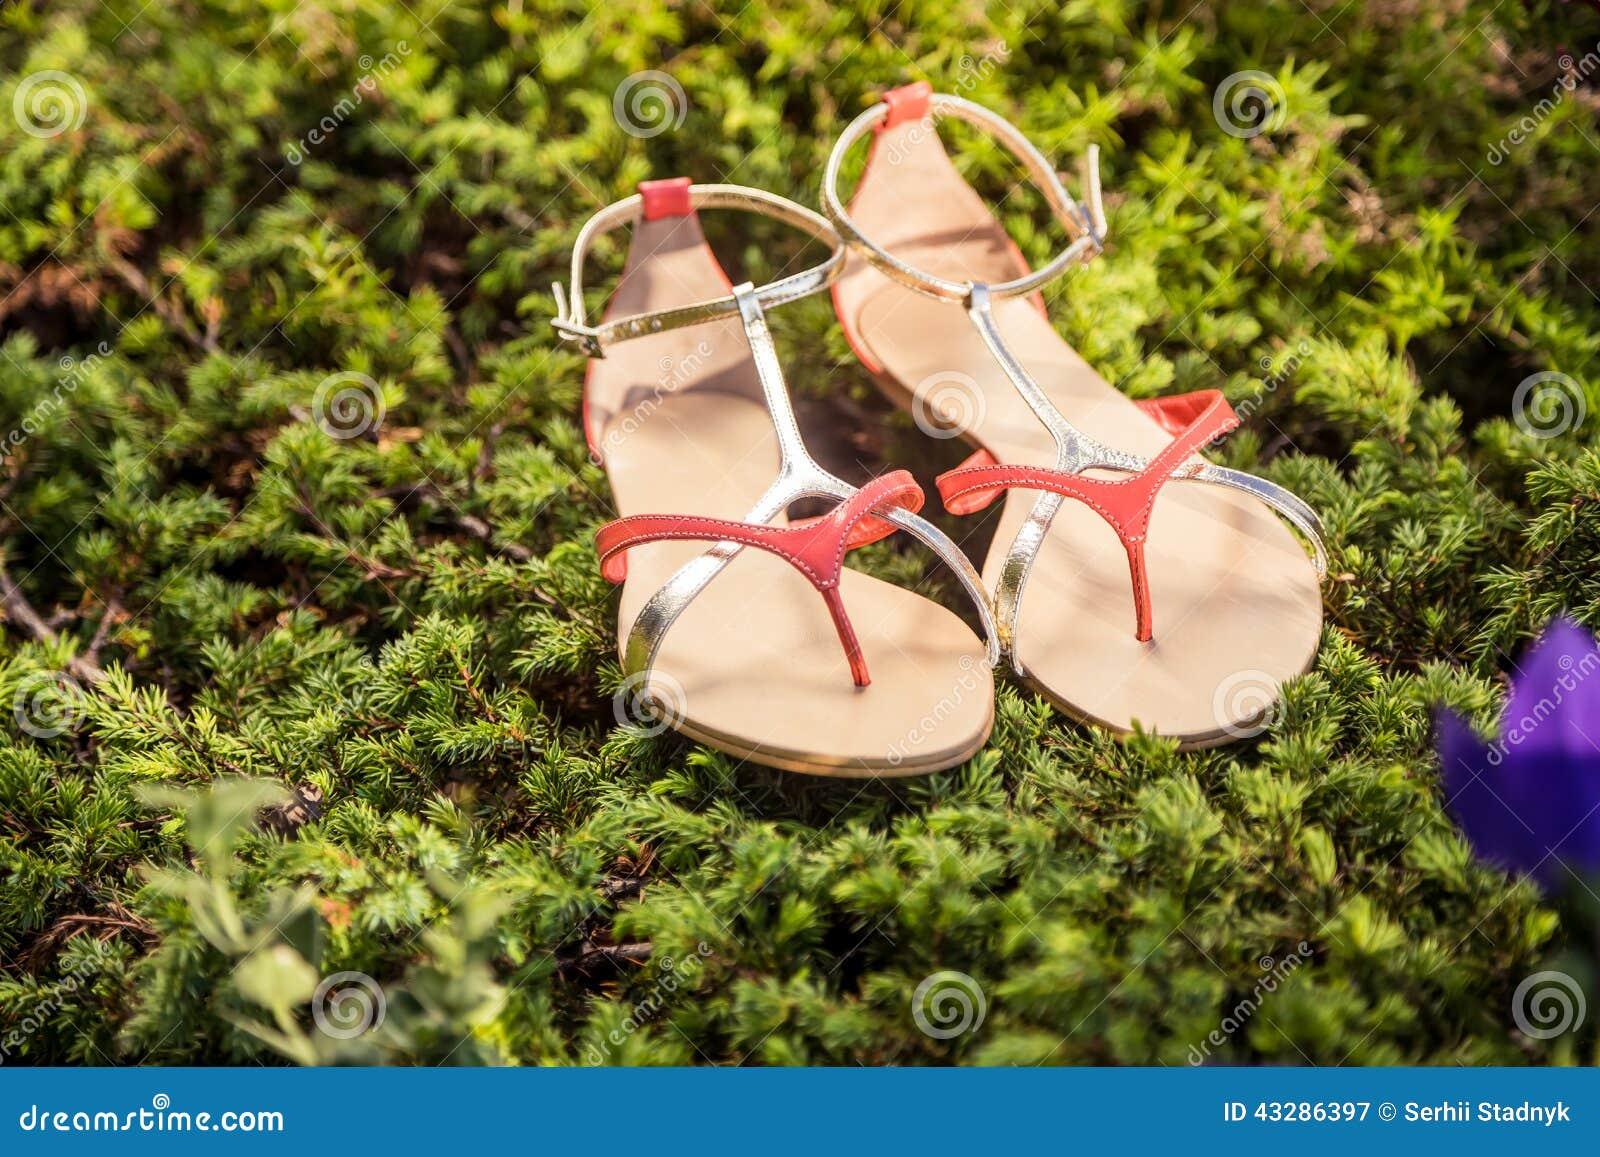 7ef313d5f Итальянские ботинки, стильные сандалии лежат на траве Стоковое ...